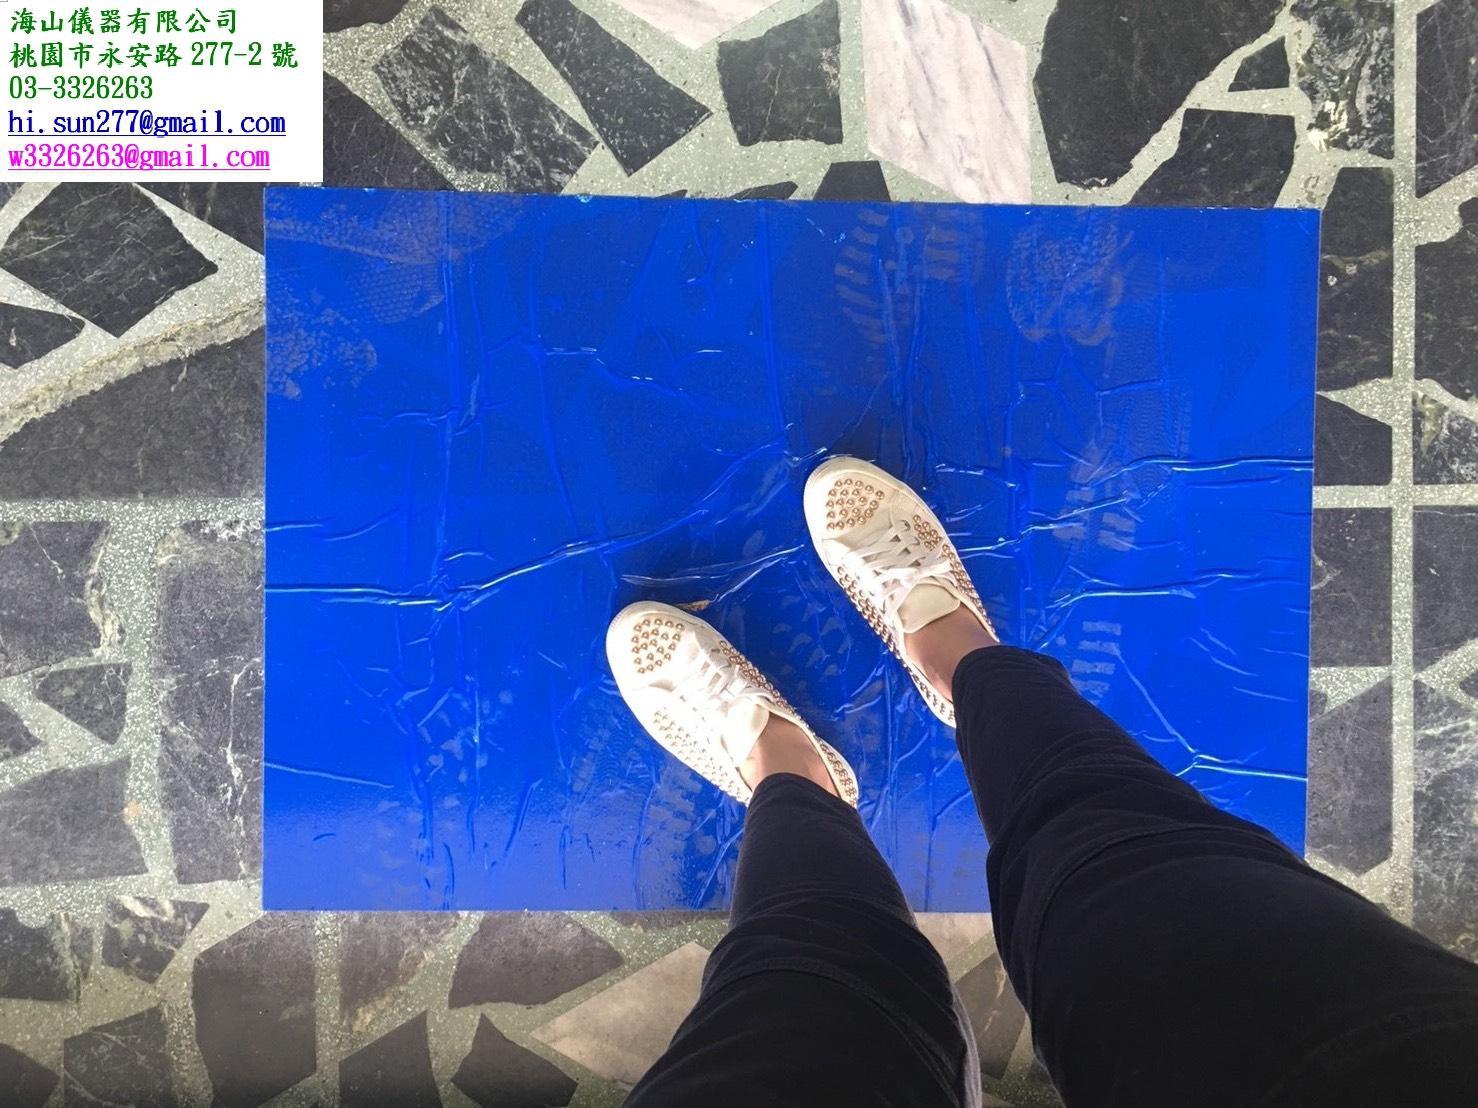 地板粘-腳粘墊 粘鞋底灰塵 髒污-現貨-海山儀器